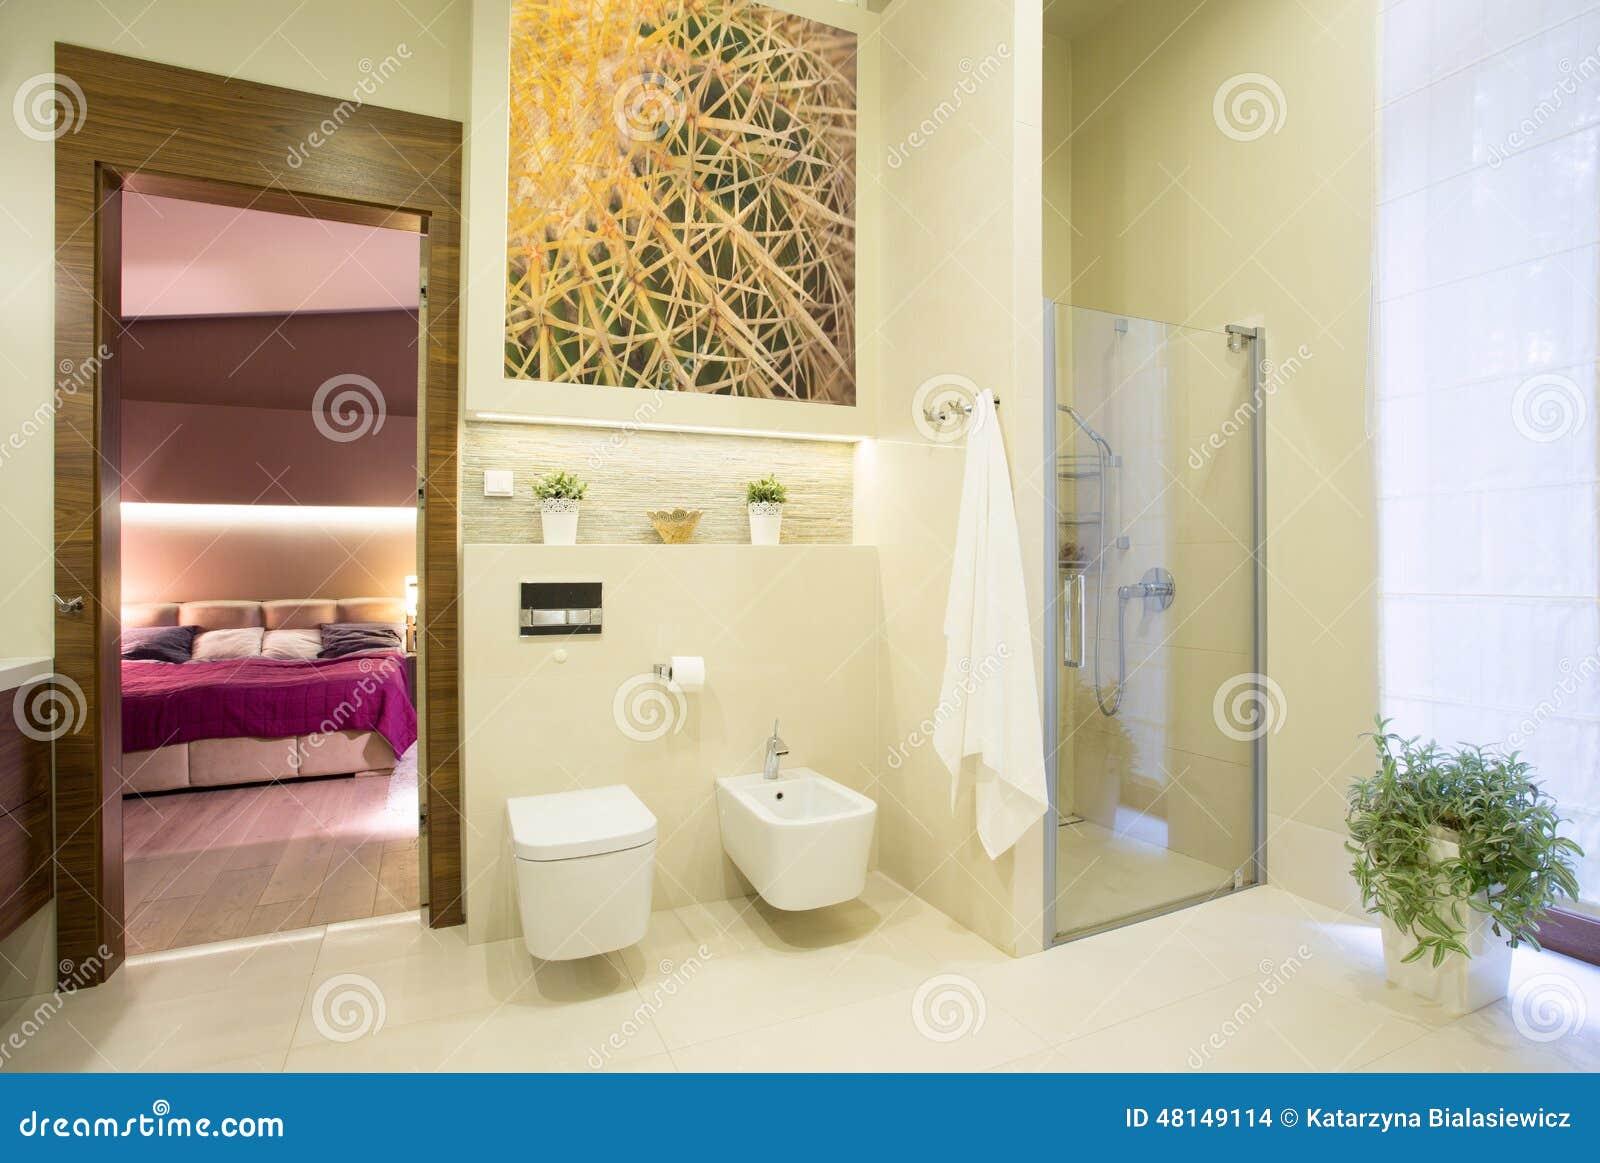 Bagni in camera da letto una soluzione per il bagno in - Bagni in camera ...